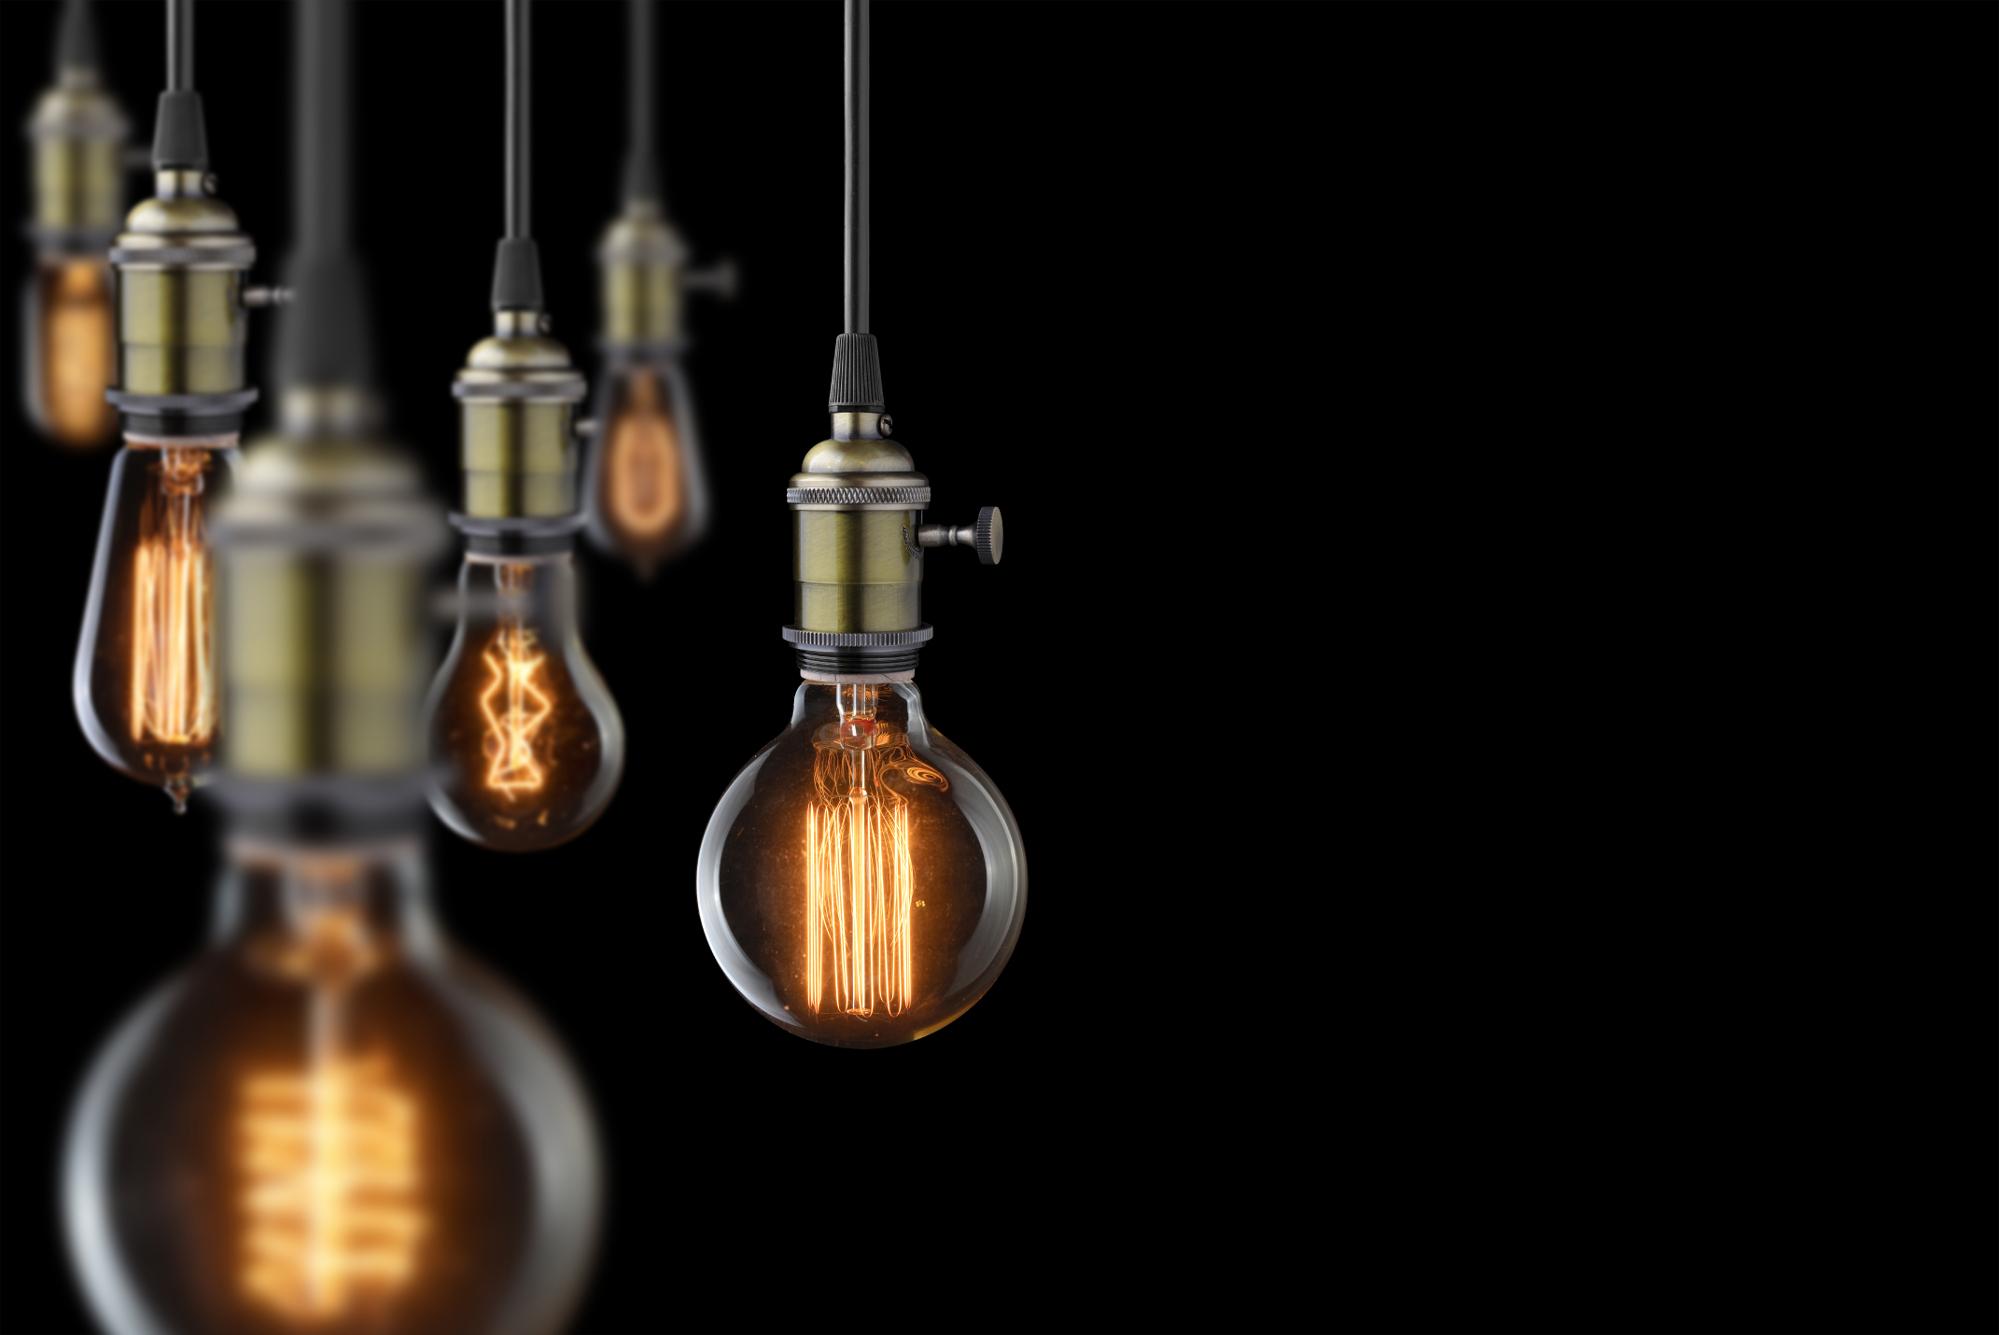 Küchenbeleuchtung: 10 Beleuchtungstrends für die Küche | Lampe.de